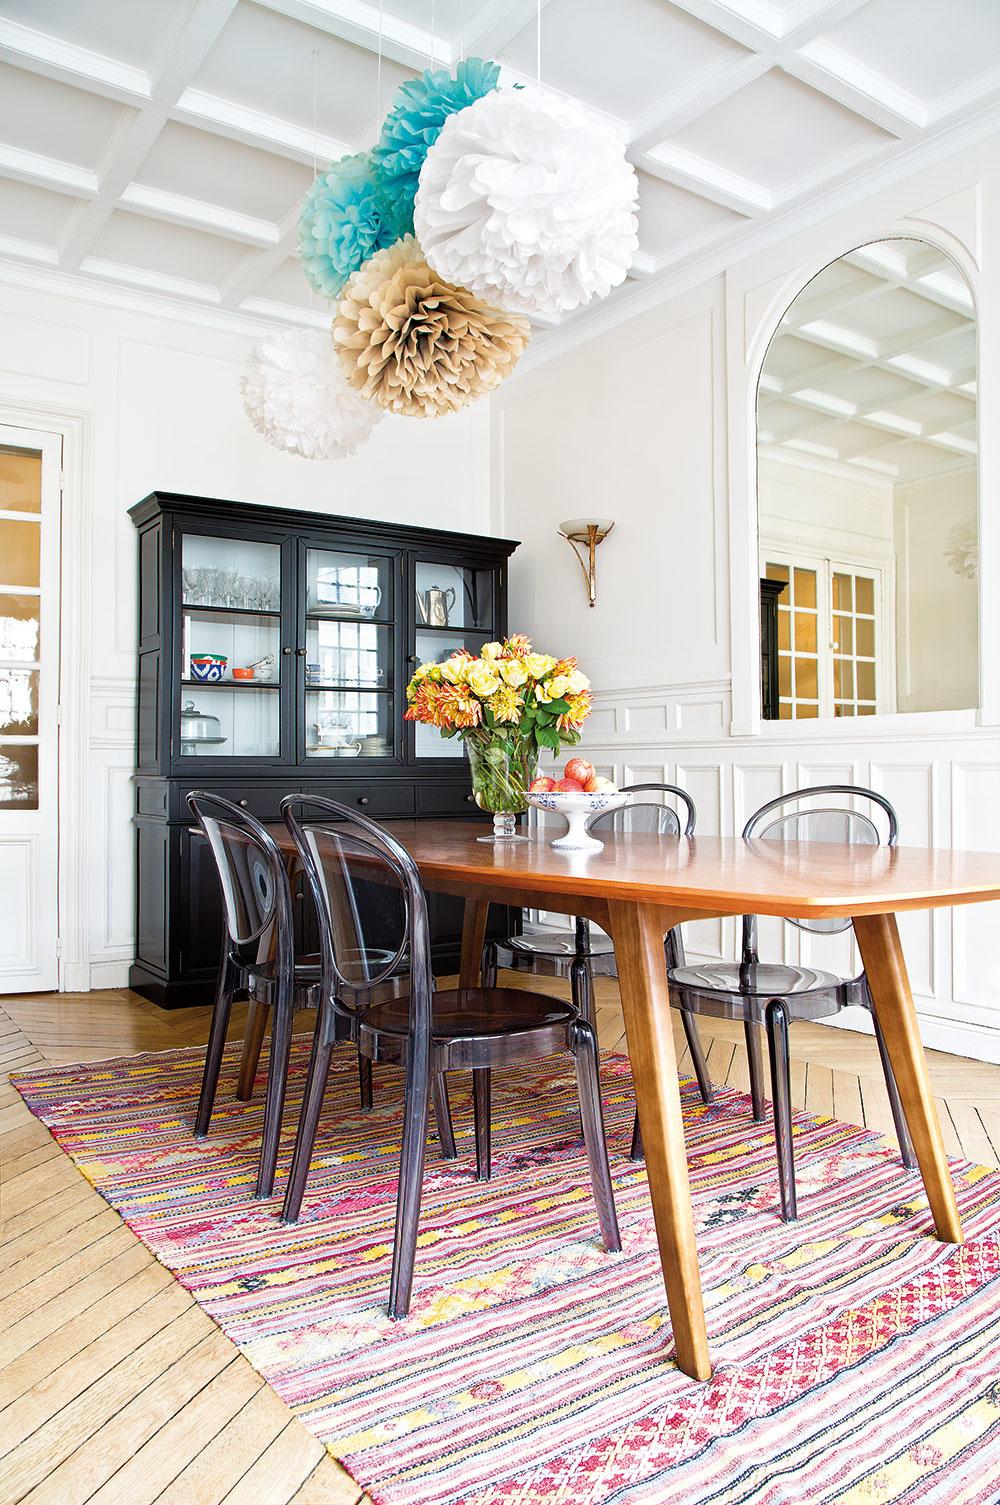 STARÝ ČIERNY PRÍBORNÍK, drevený stôl, plastové stoličky apestrý tkaný koberec sú dôkazom toho, že aj zdanlivo nekombinovateľné kúsky dokážu spolu vytvoriť jeden harmonický celok.